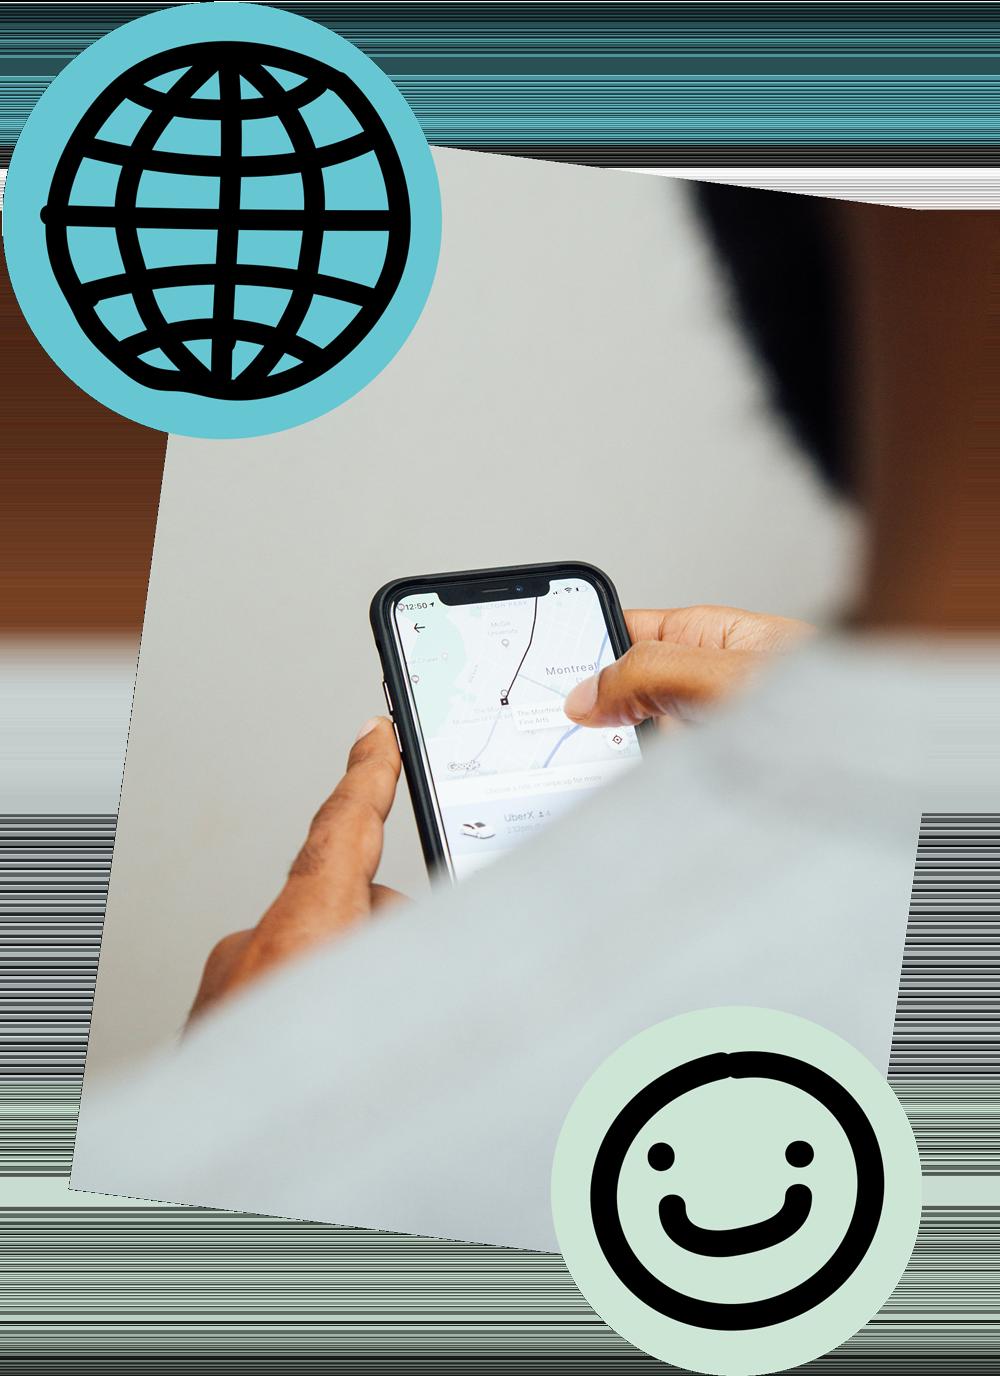 Eine Person am Iphone, um das Bild herum schweben Illustration einer Weltkugel und eines Smileys